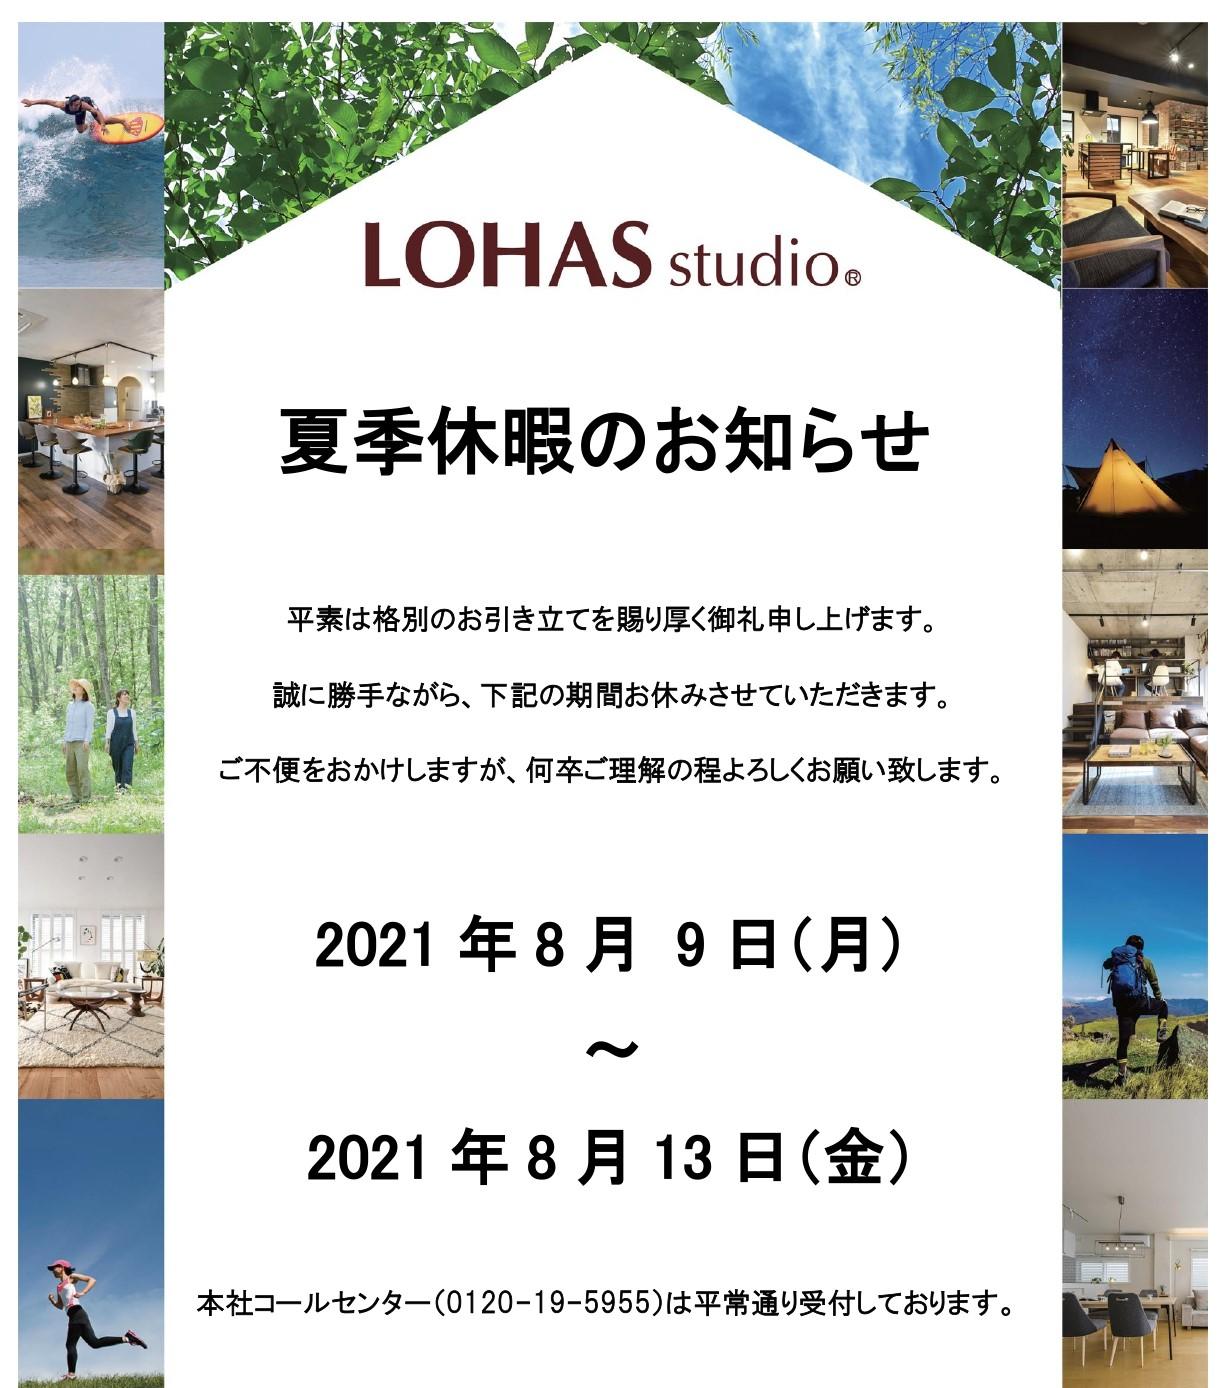 【ブログ用】2021夏季休暇1